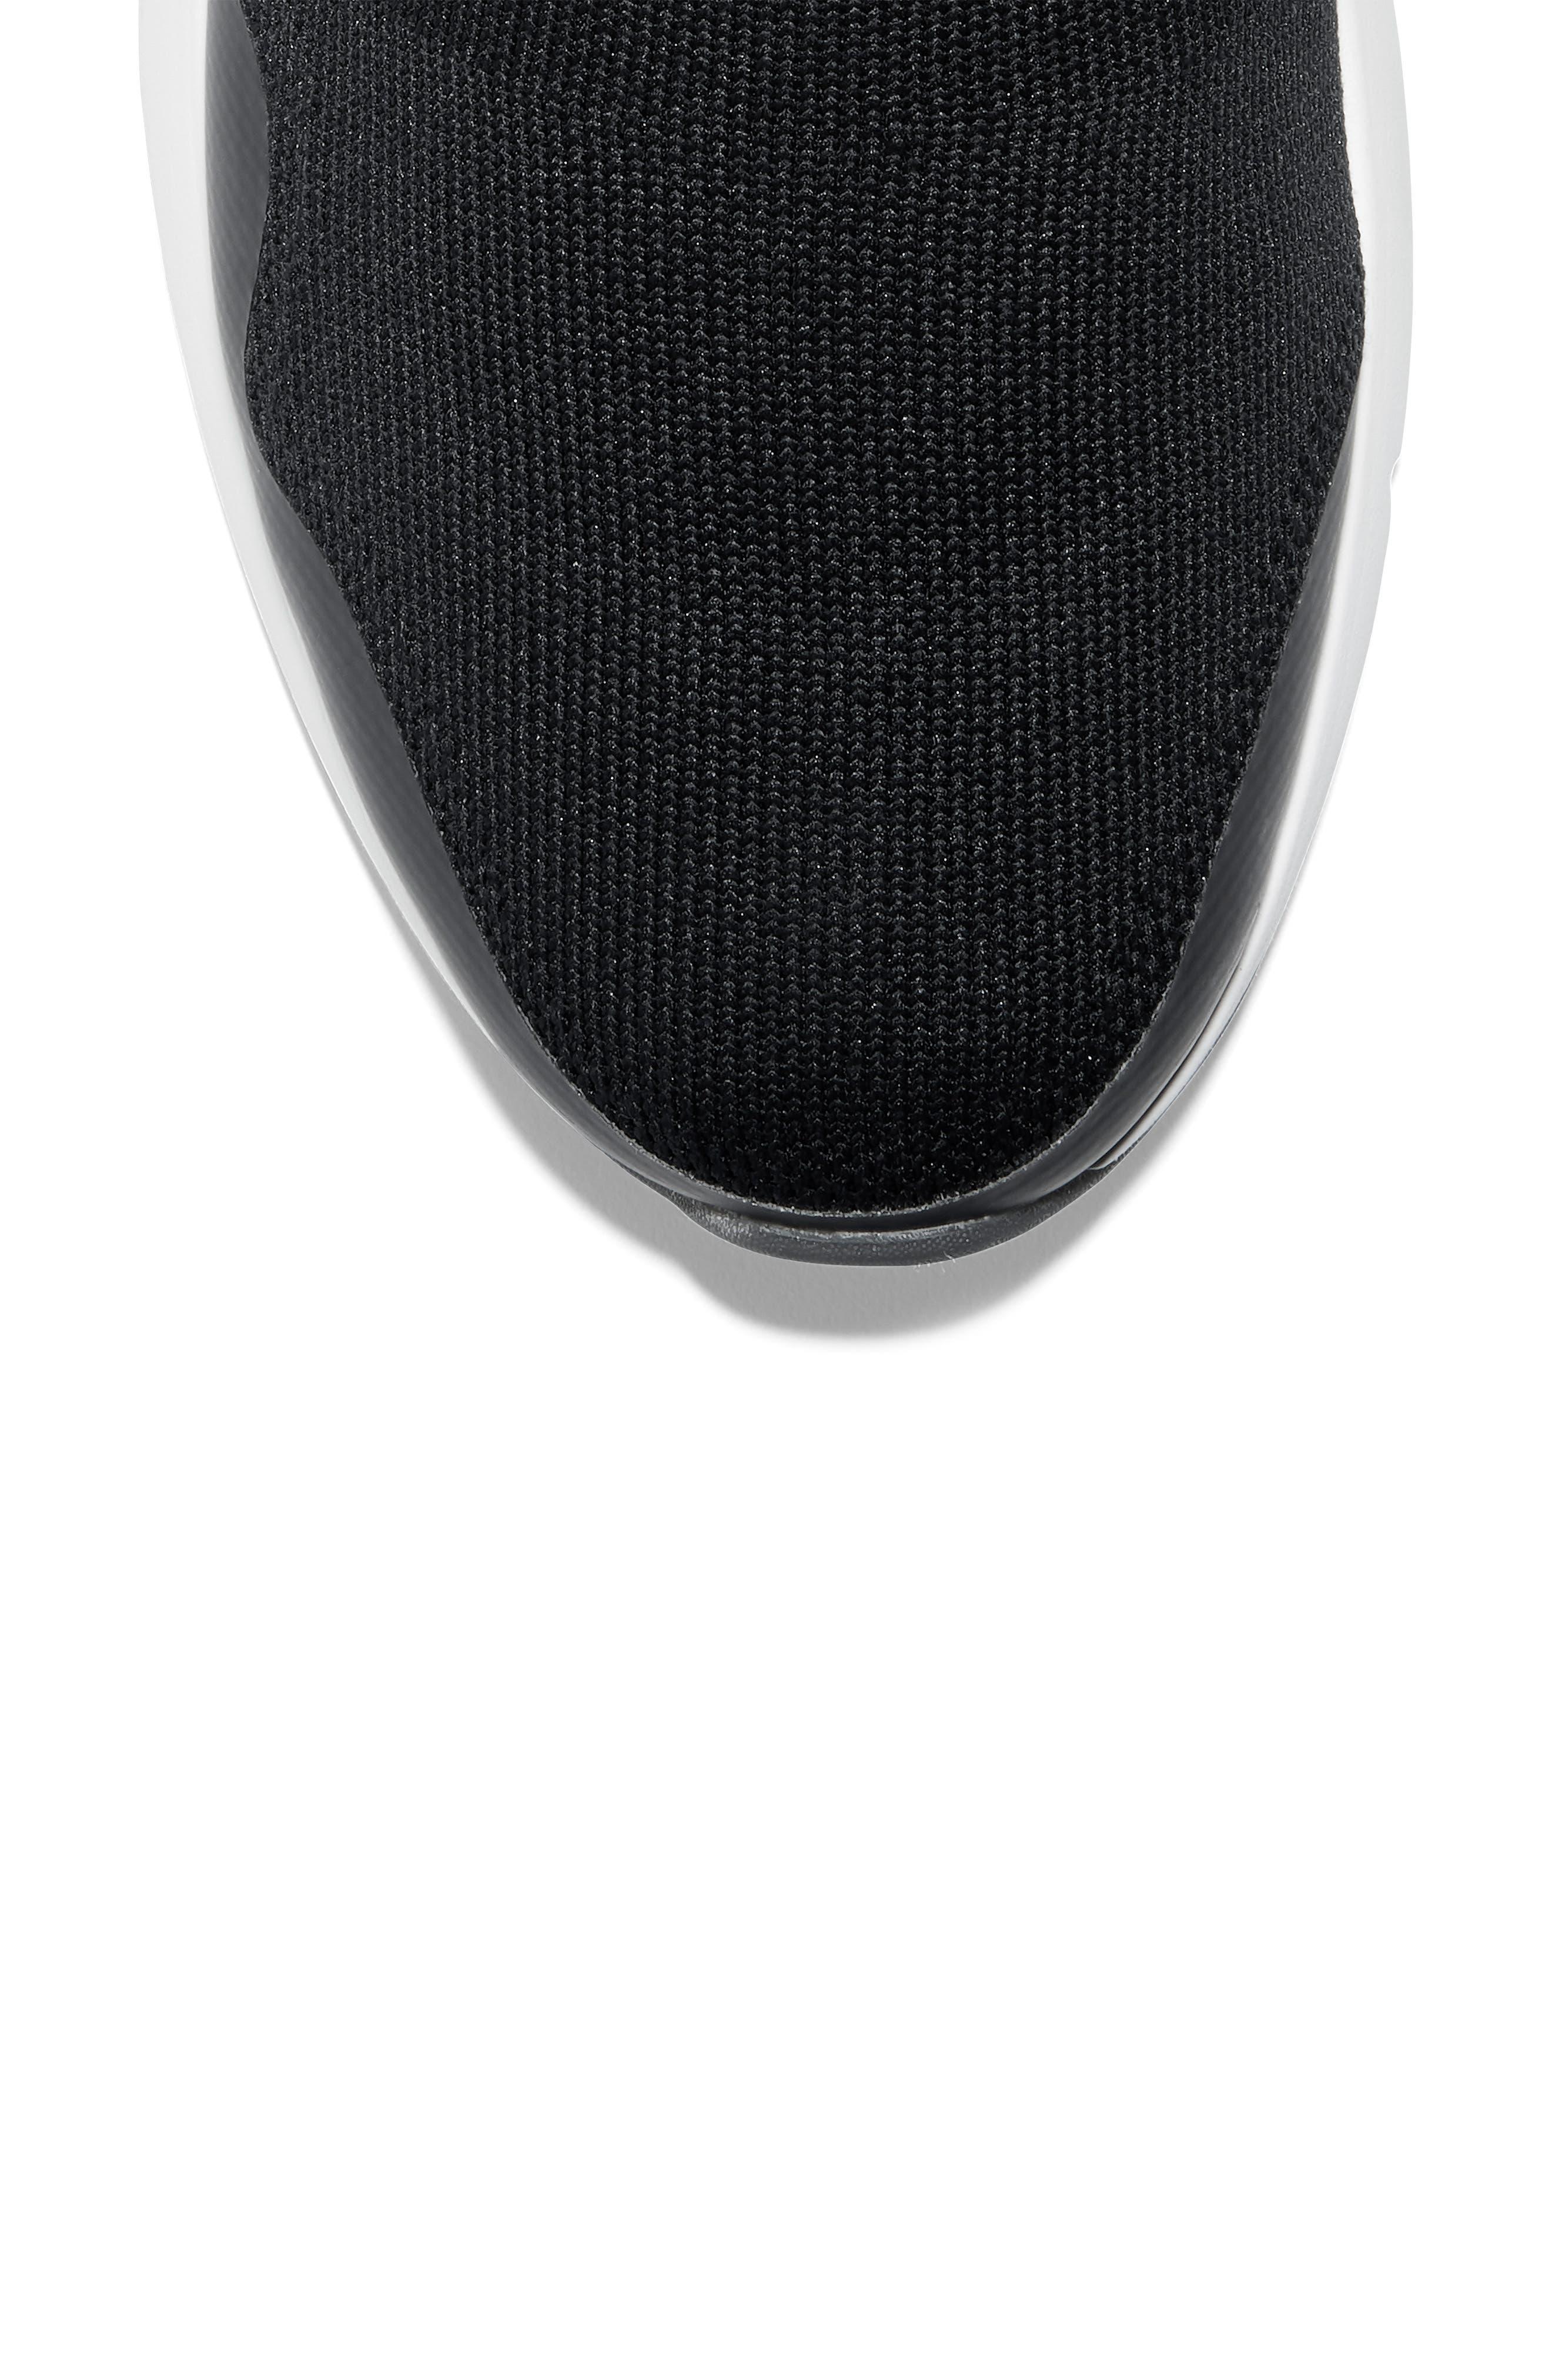 ZeroGrand Motion Slip-On Sneaker,                             Alternate thumbnail 7, color,                             BLACK LEATHER